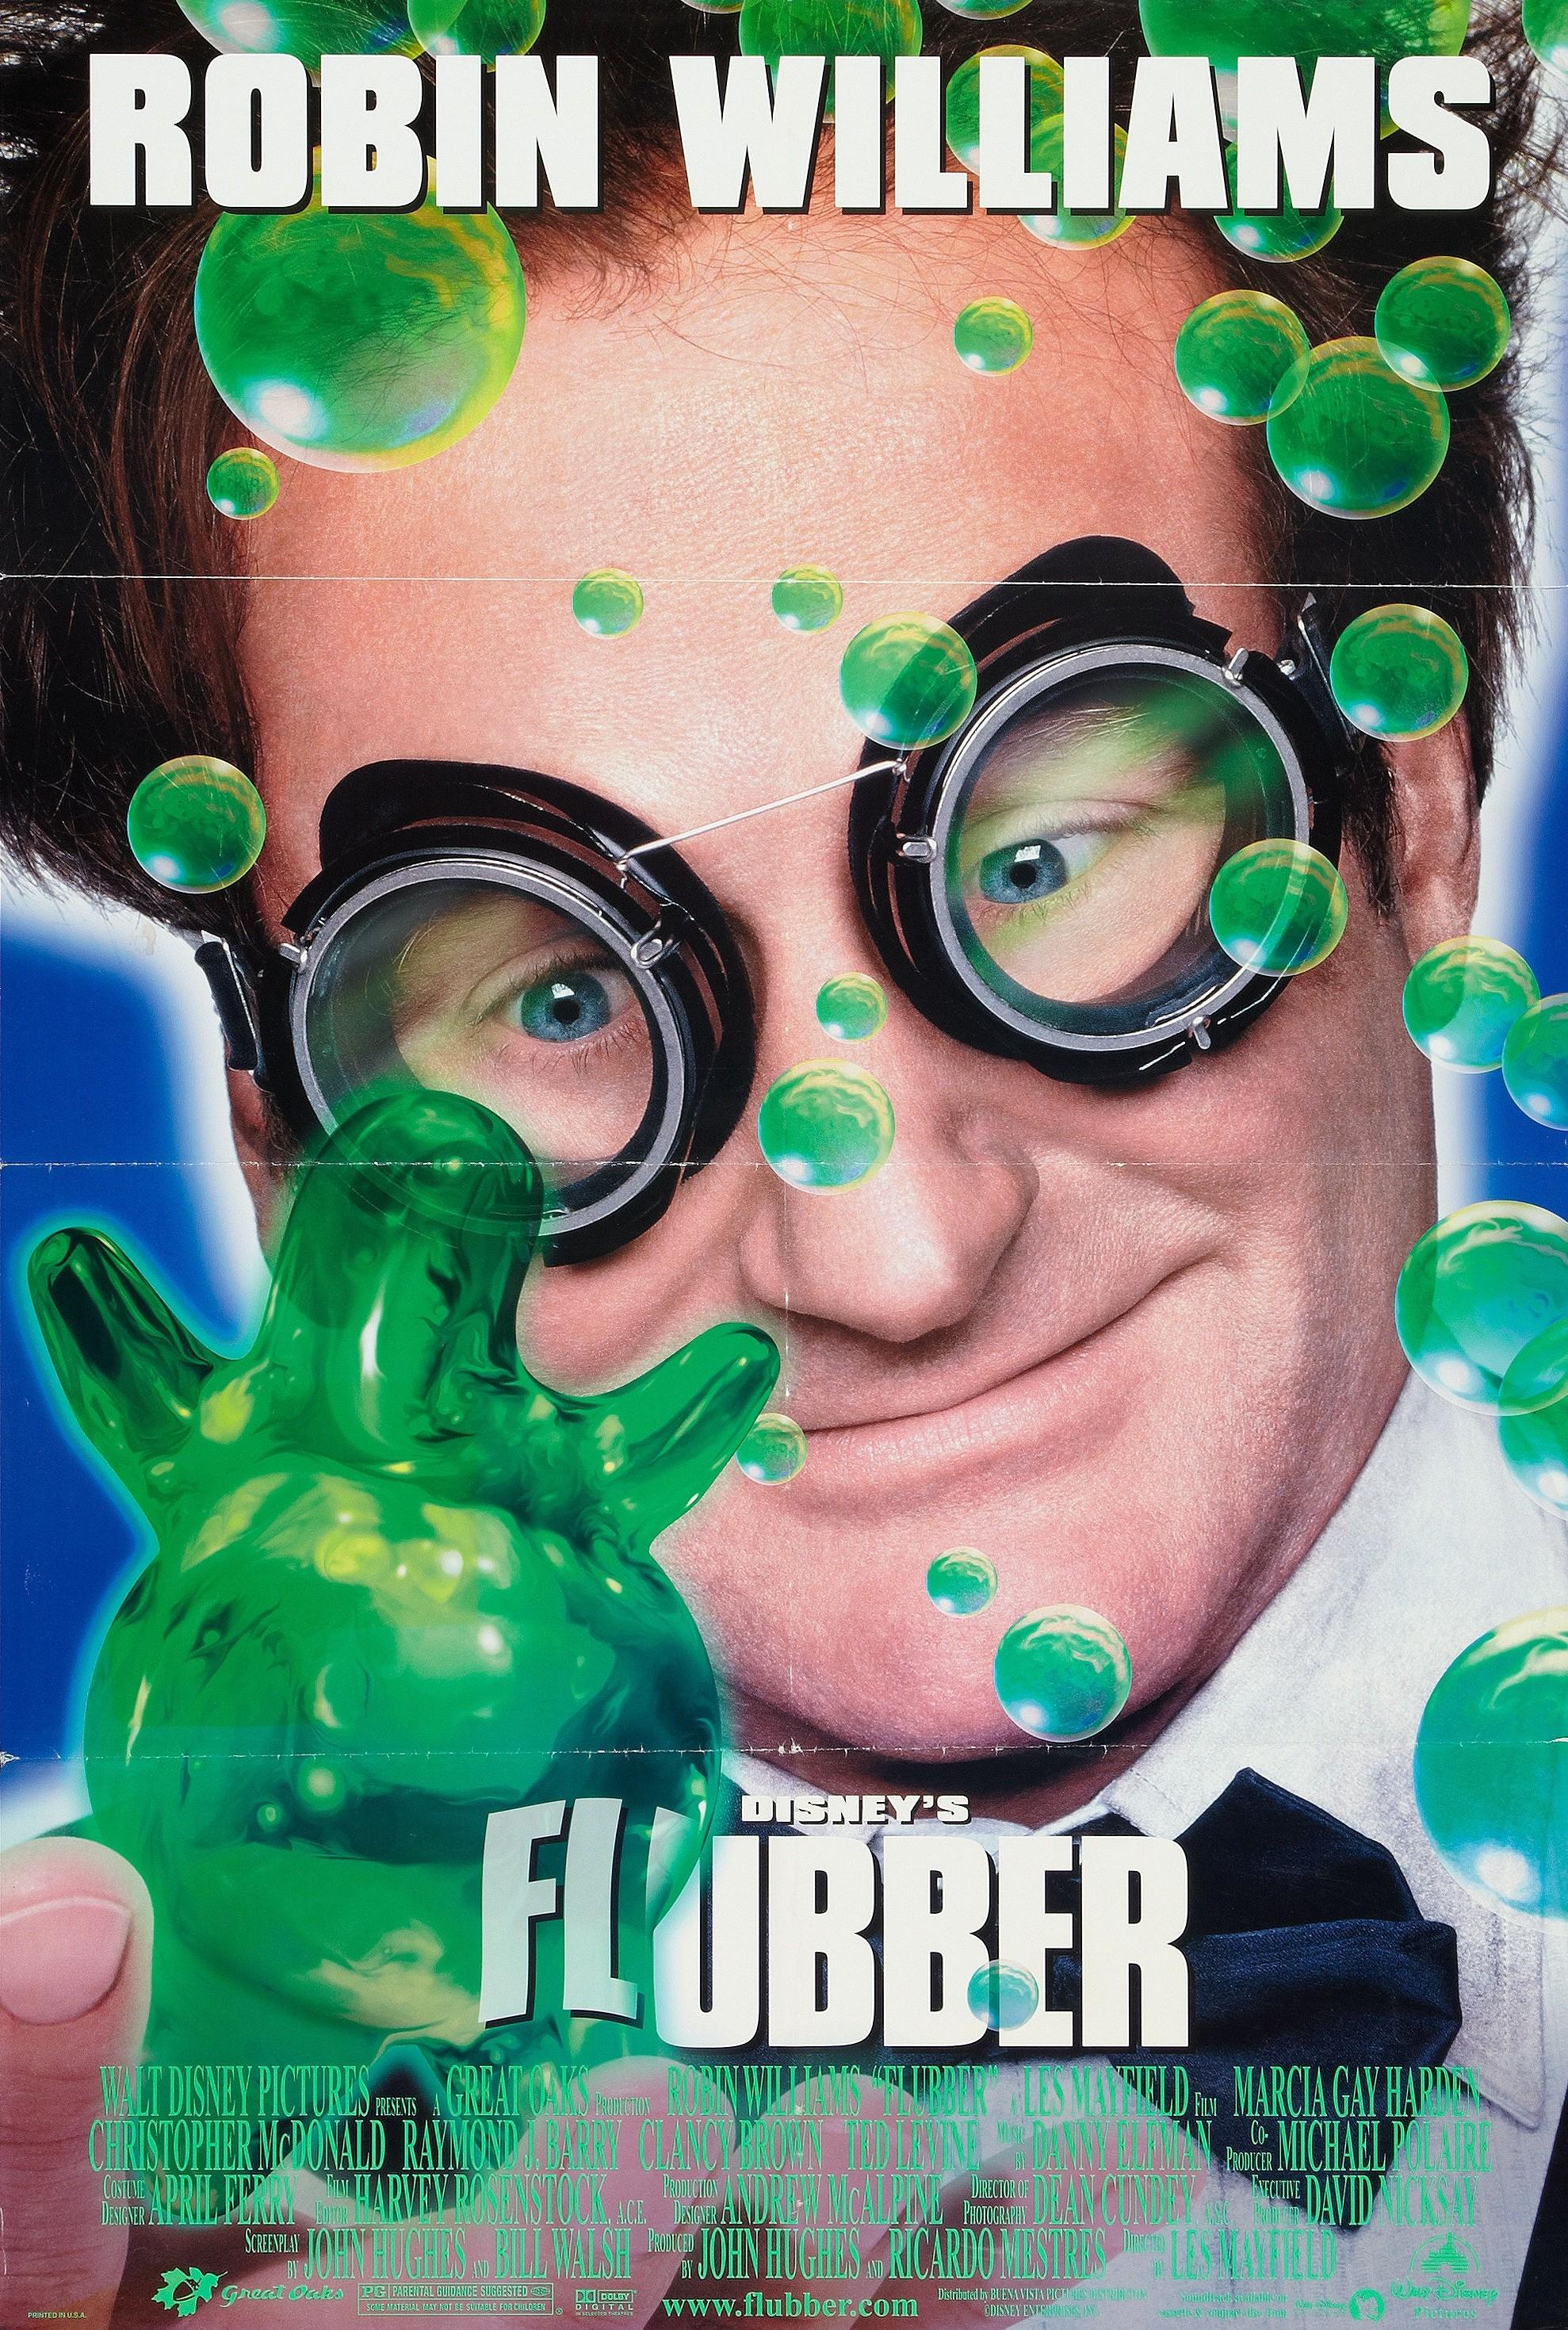 Flubber - Poster 2.jpg